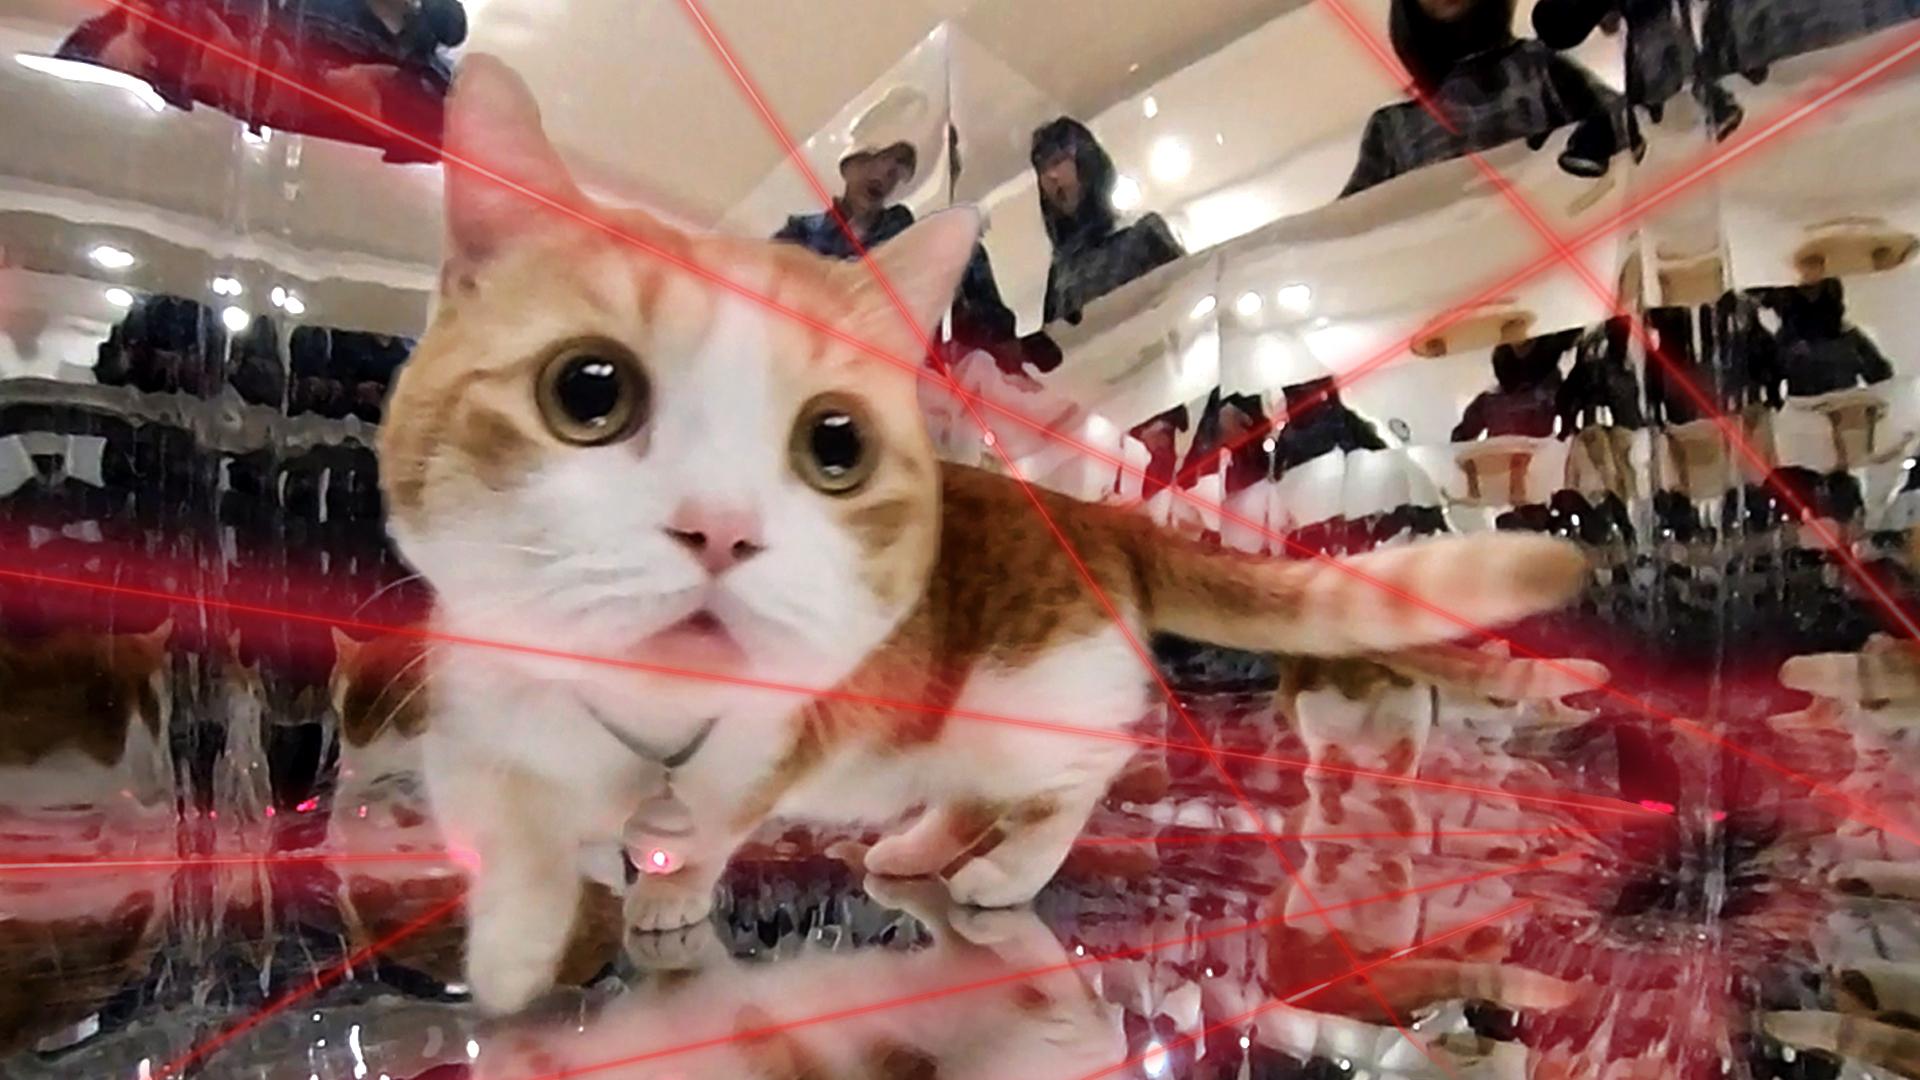 当猫咪脖子挂着红外线,进入镜子迷空,神奇的一幕发生了!